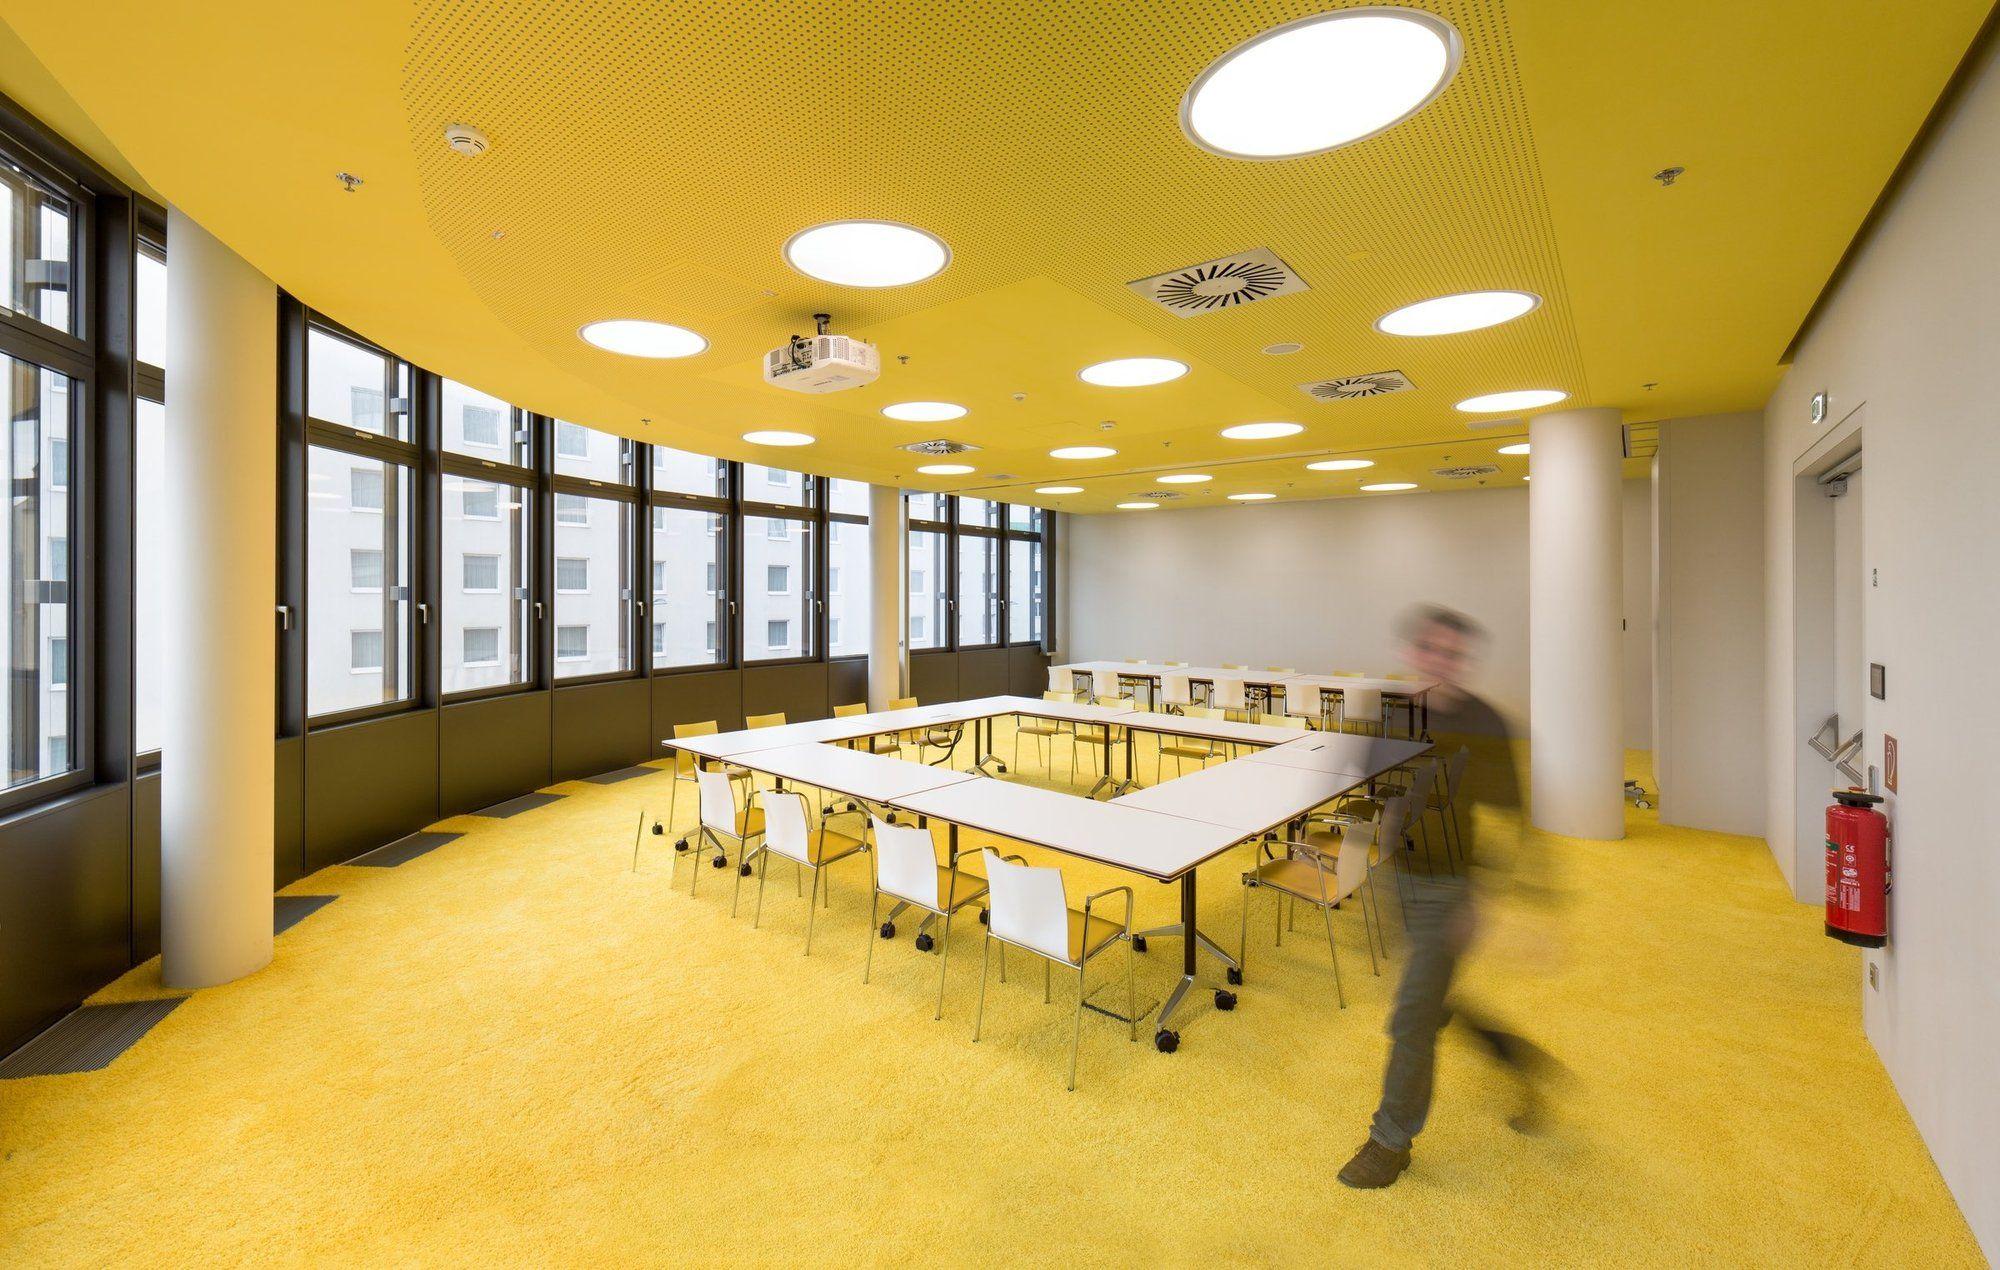 Gallery of ÖBB Headquarter / Zechner & Zechner  - 36